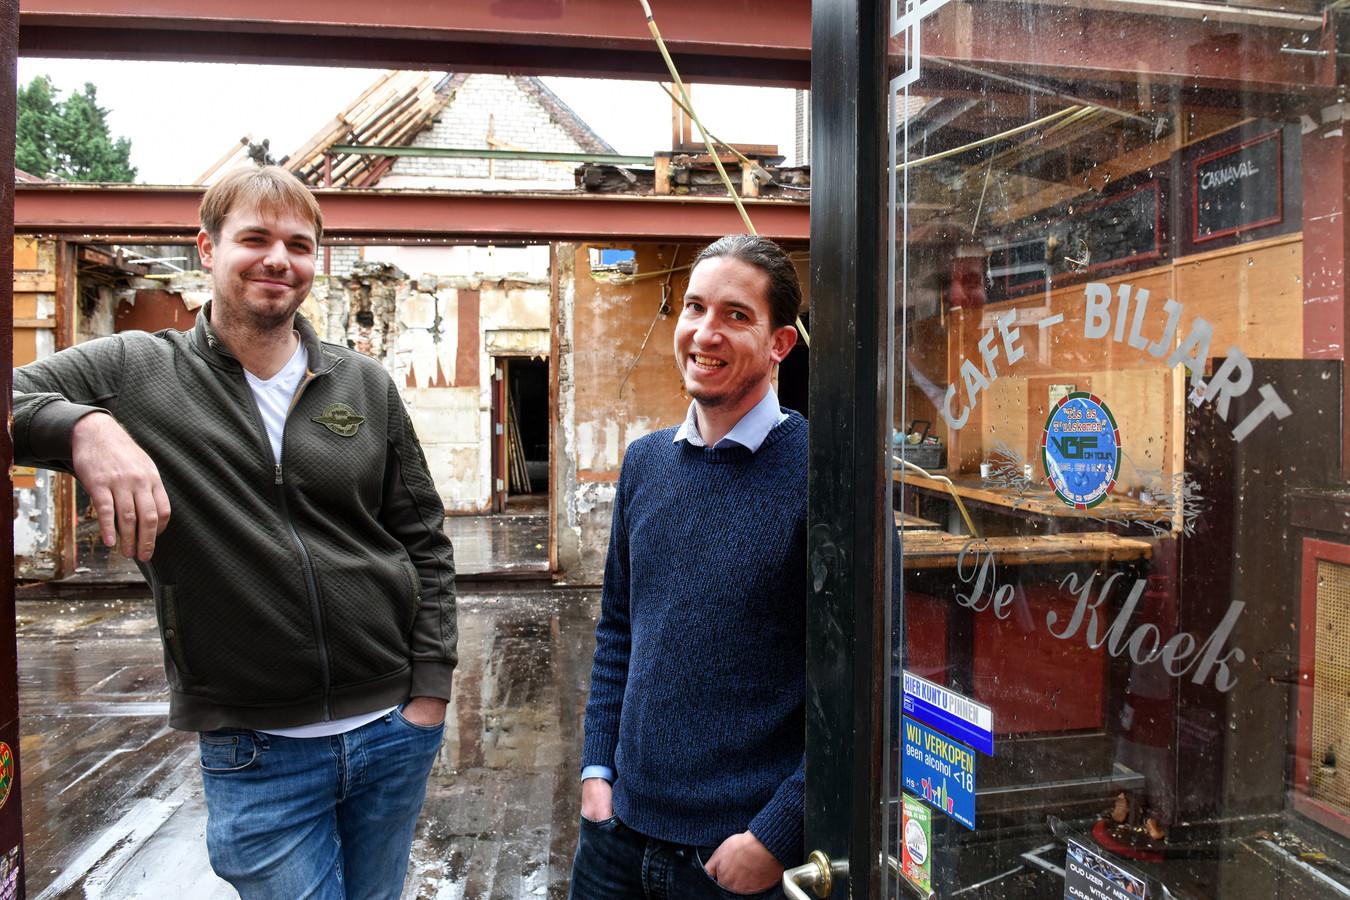 OOSTERHOUT - Pix4Profs/Casper van Aggelen - Guido Mols en Frans van Gurp poseren in de Kloek zonder dak.